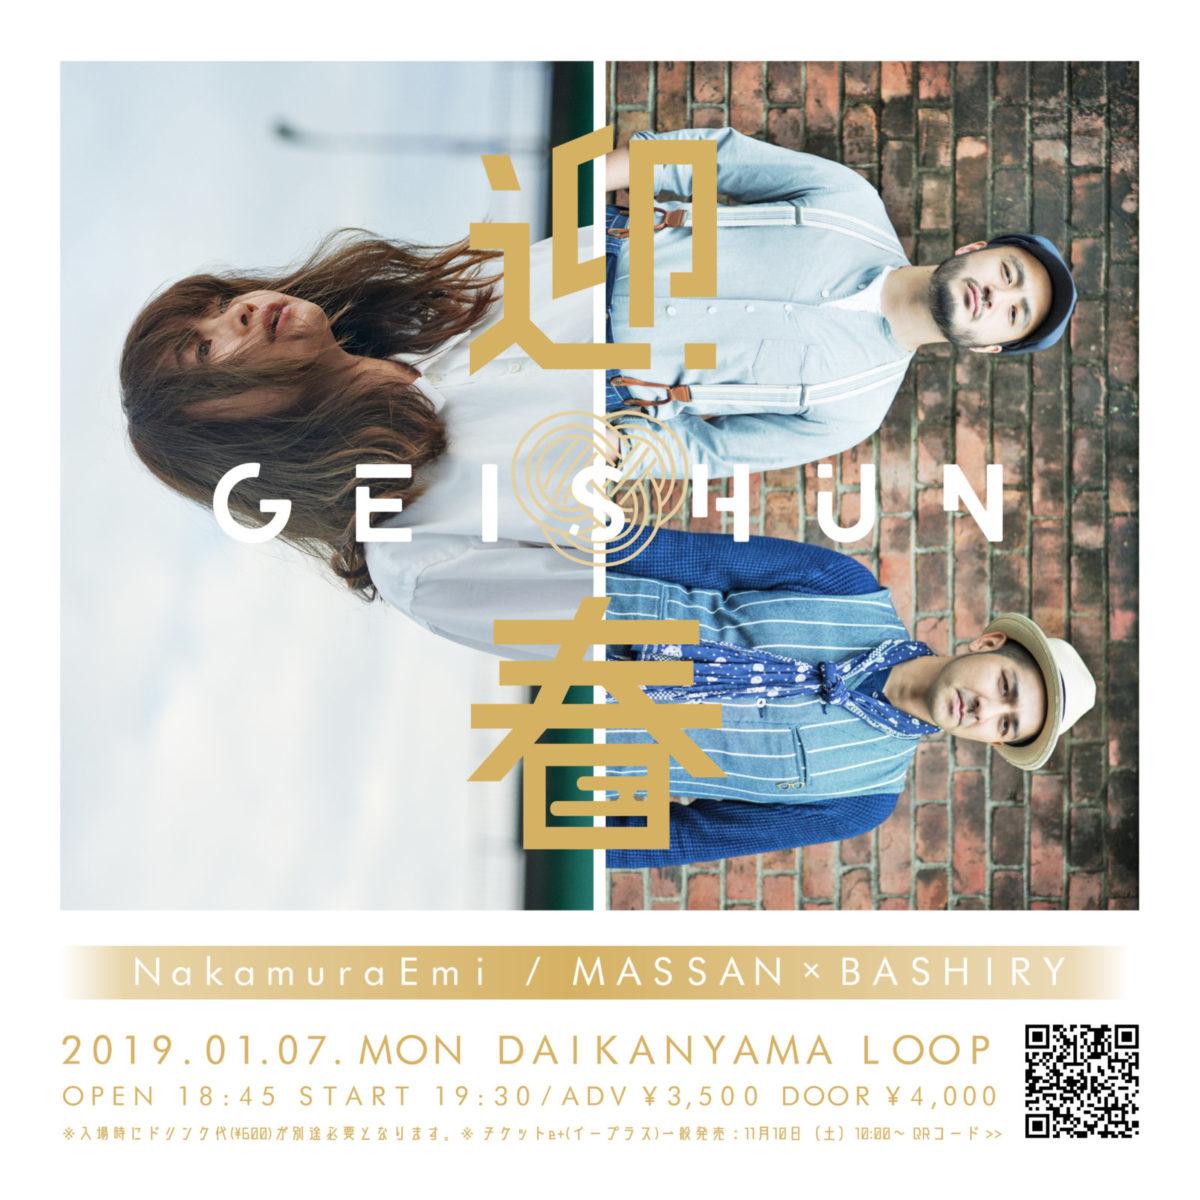 迎春〜NakamuraEmi / MASSAN×BASHIRY〜